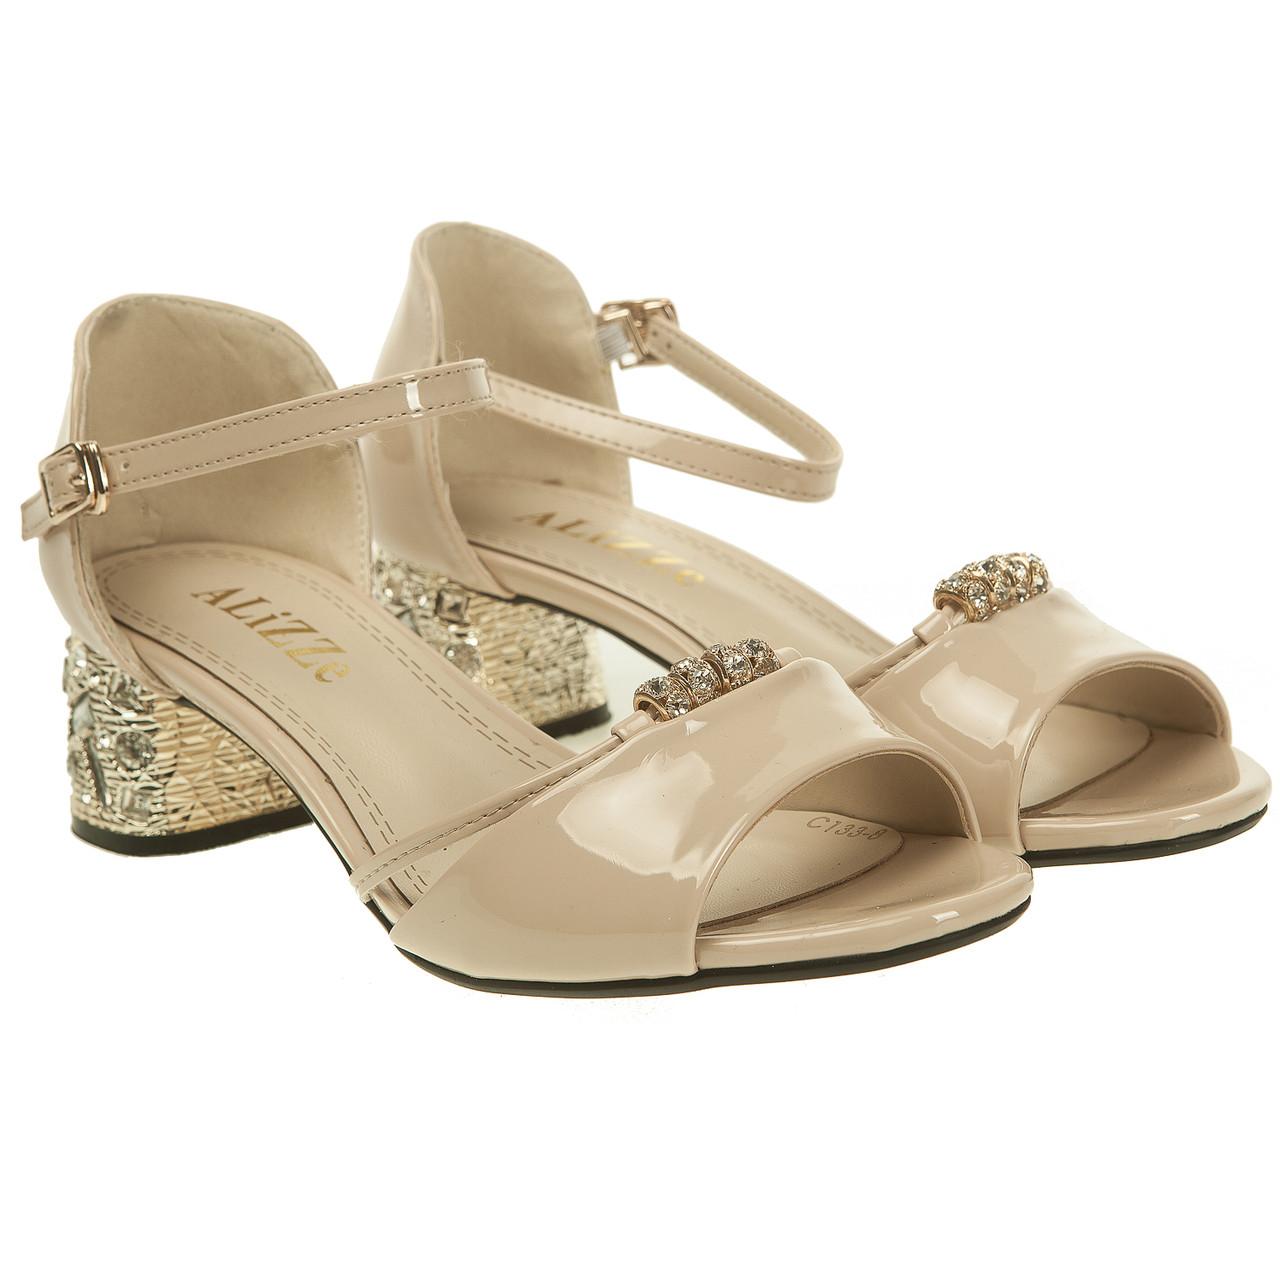 2e1e3ace5 Босоножки женские ALiZZe (лаковые, бежевые, оригинальный каблук, удобные)